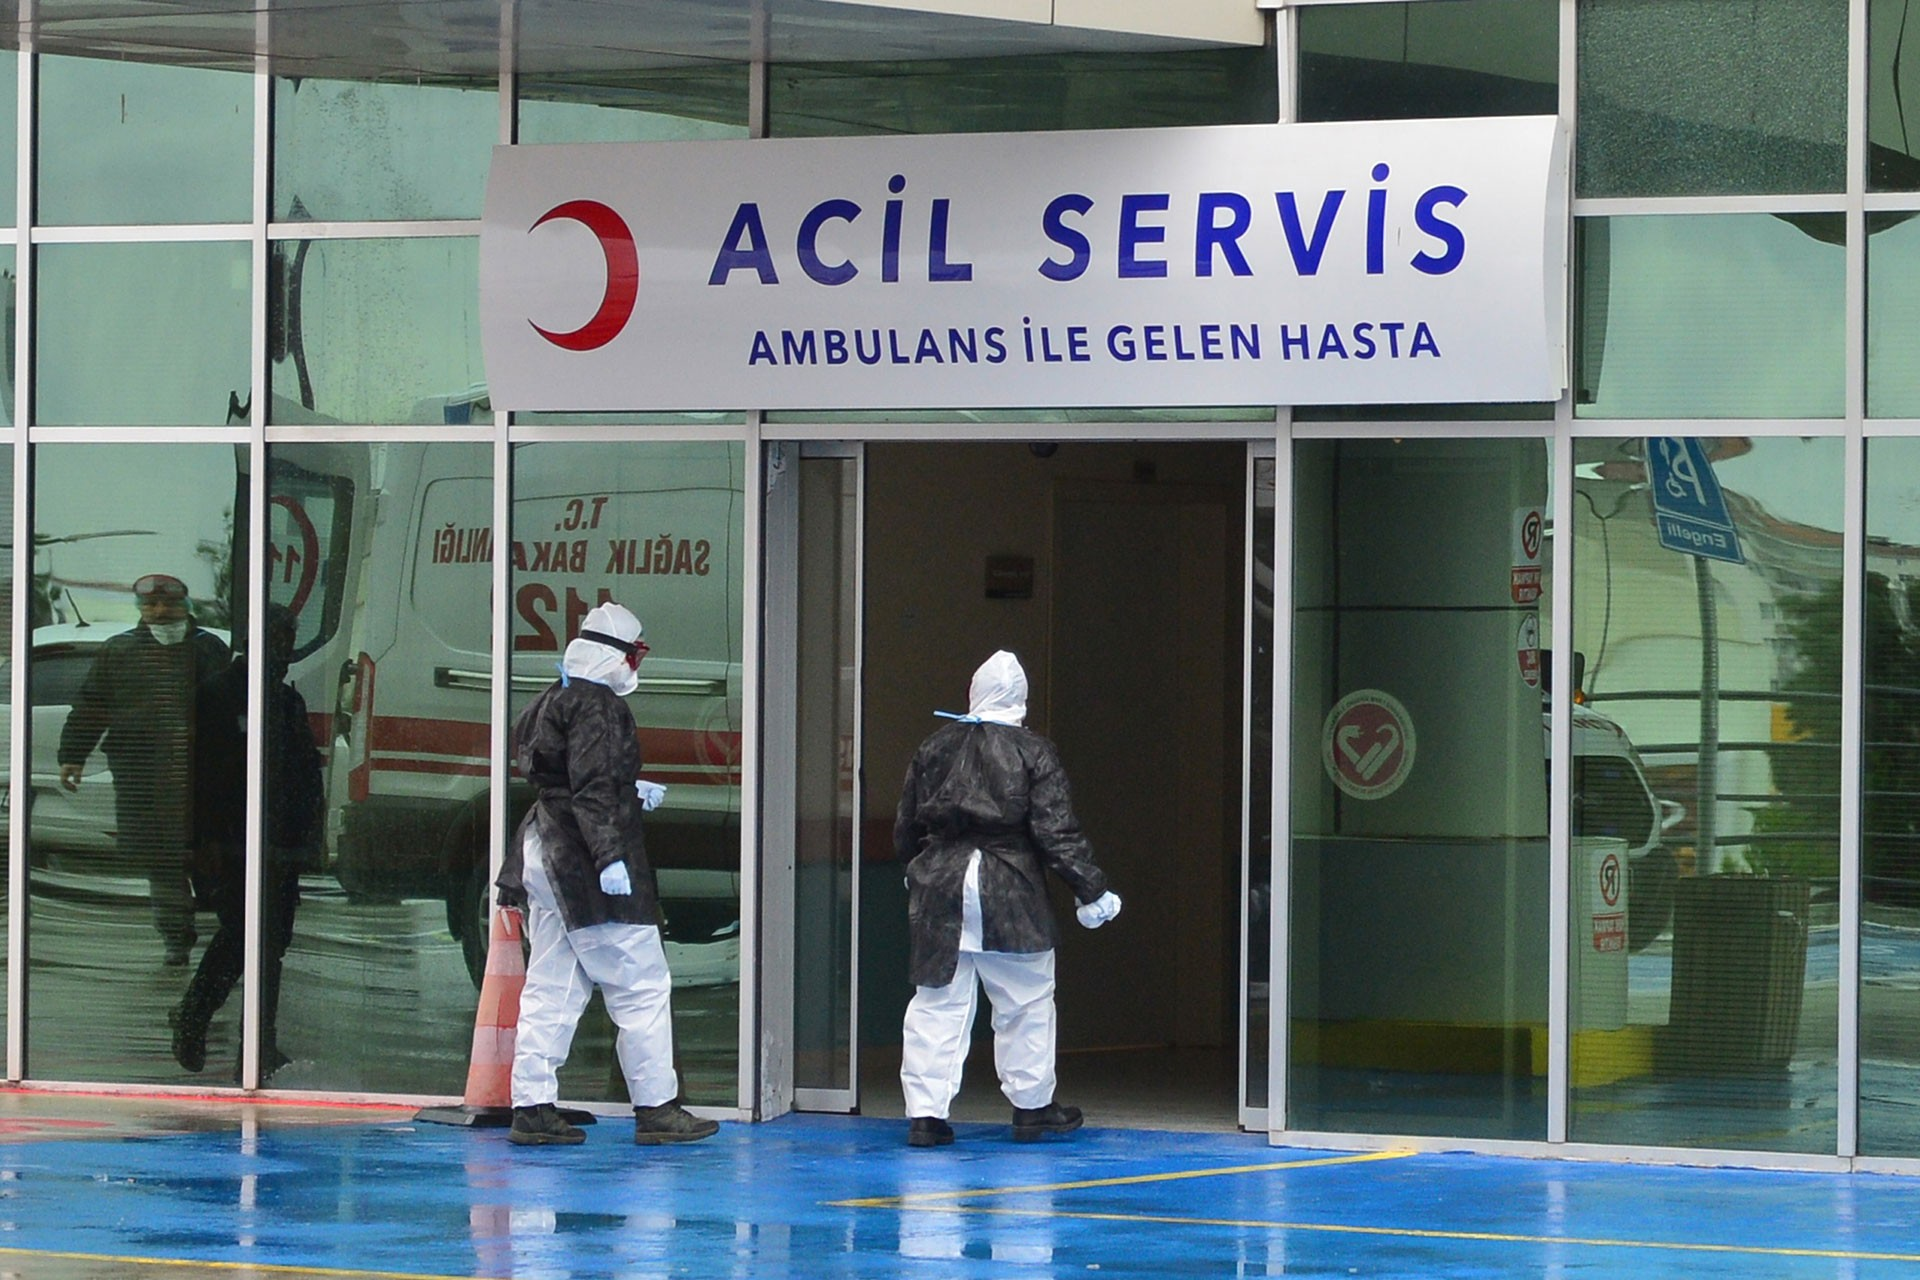 Hastane acil servisi kapısından giren iki sağlık çalışanı.